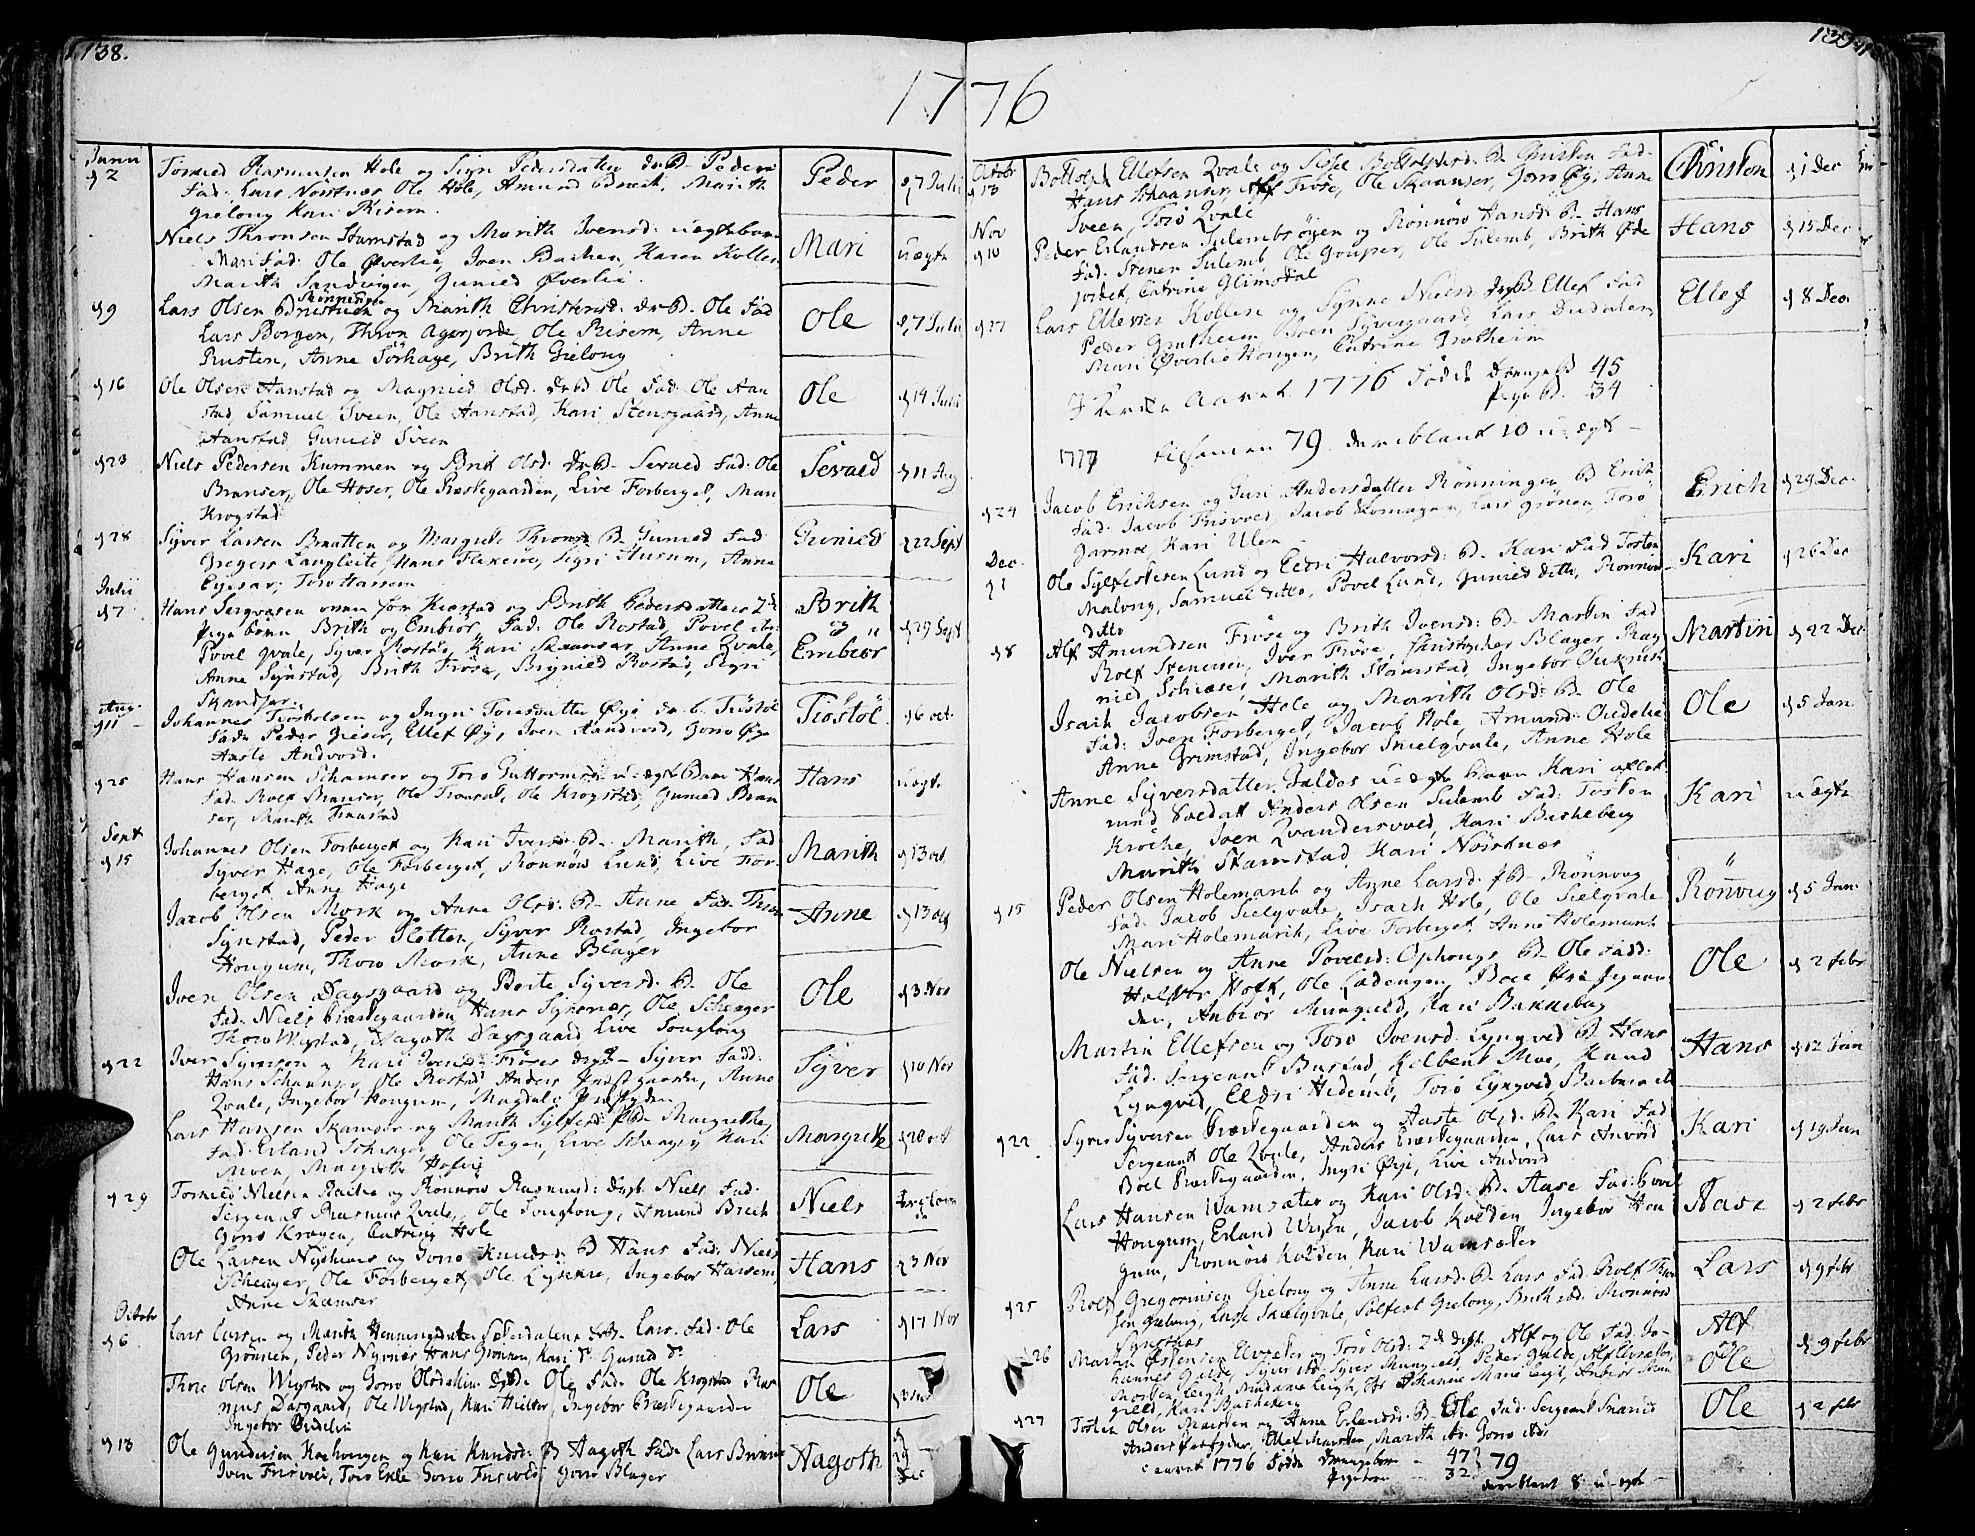 SAH, Lom prestekontor, K/L0002: Ministerialbok nr. 2, 1749-1801, s. 138-139